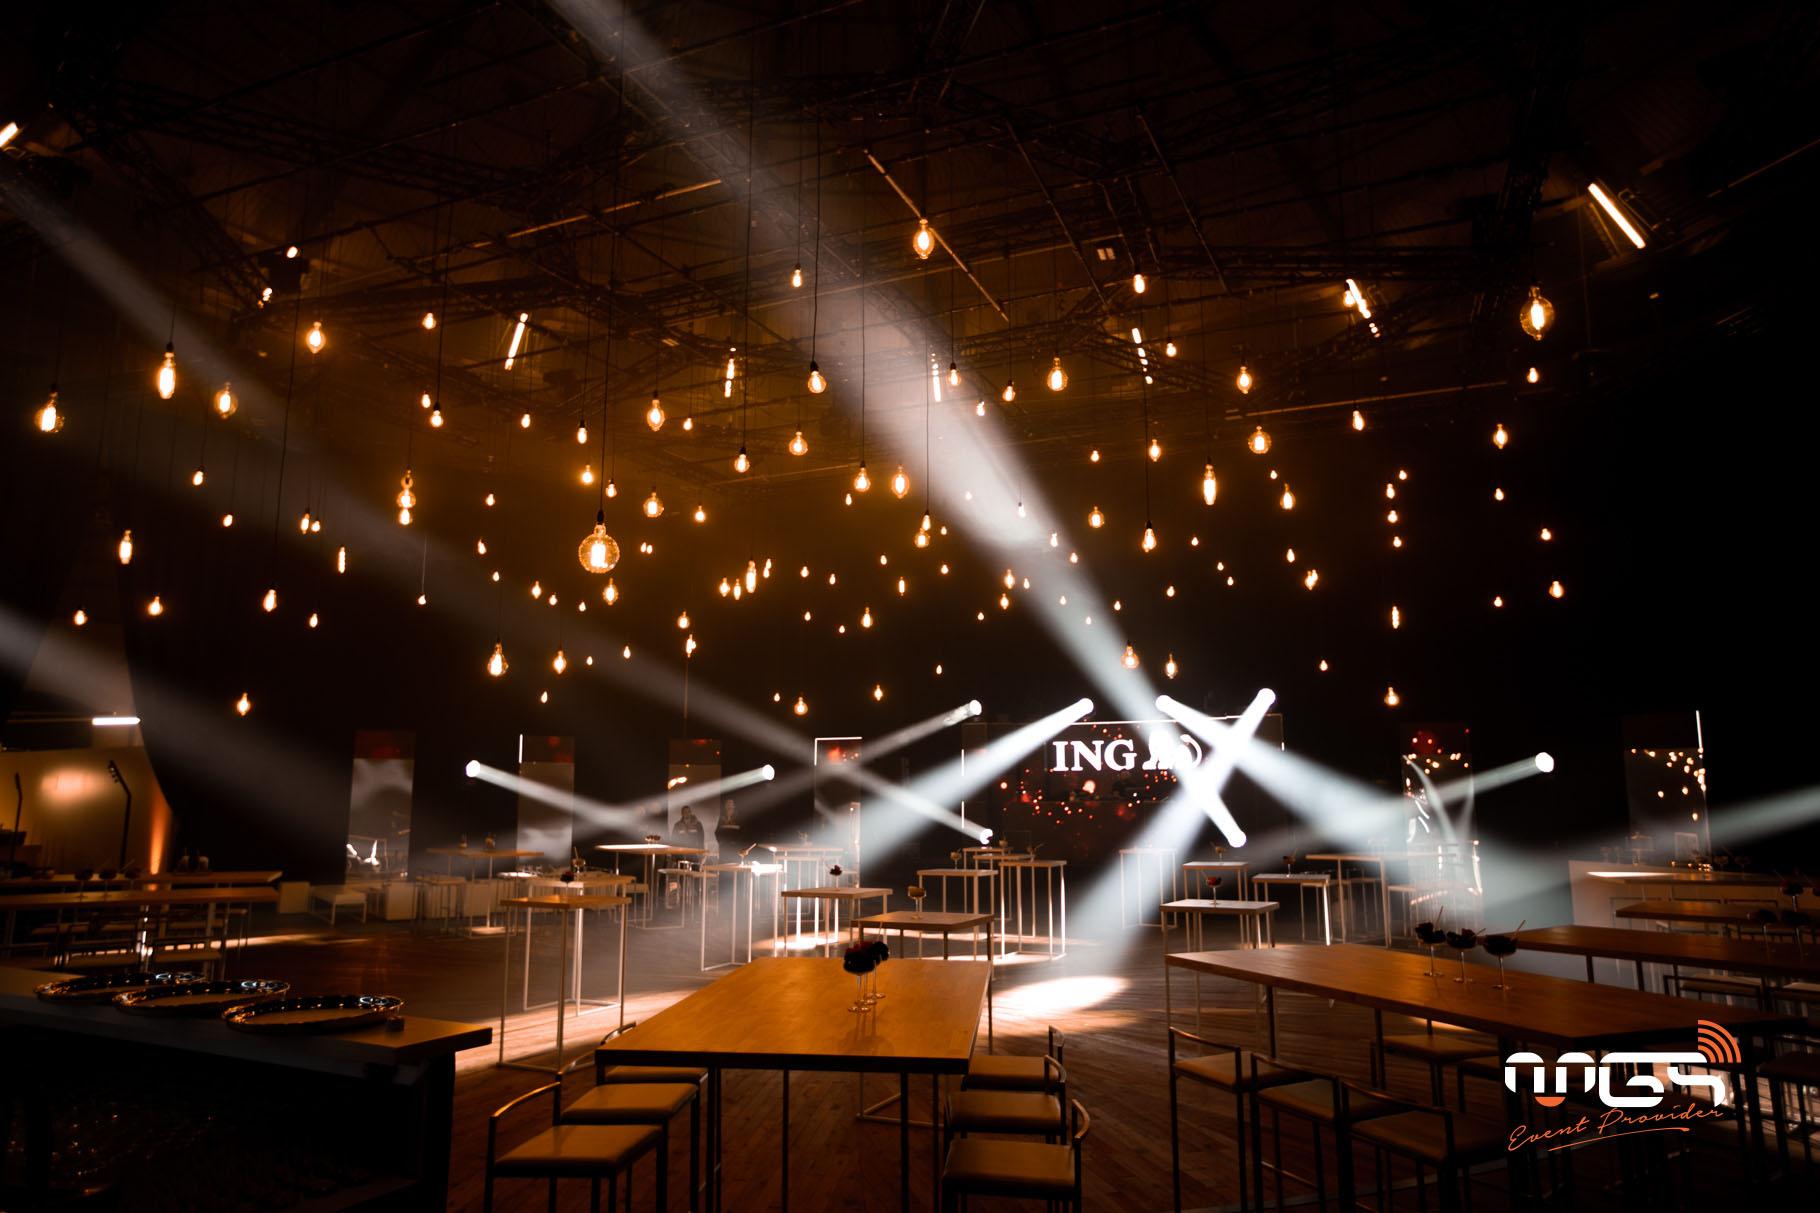 MGS décore les Rotondes à l'aide d'une centaine d'ampoules incandescentes suspendues à différentes hauteurs